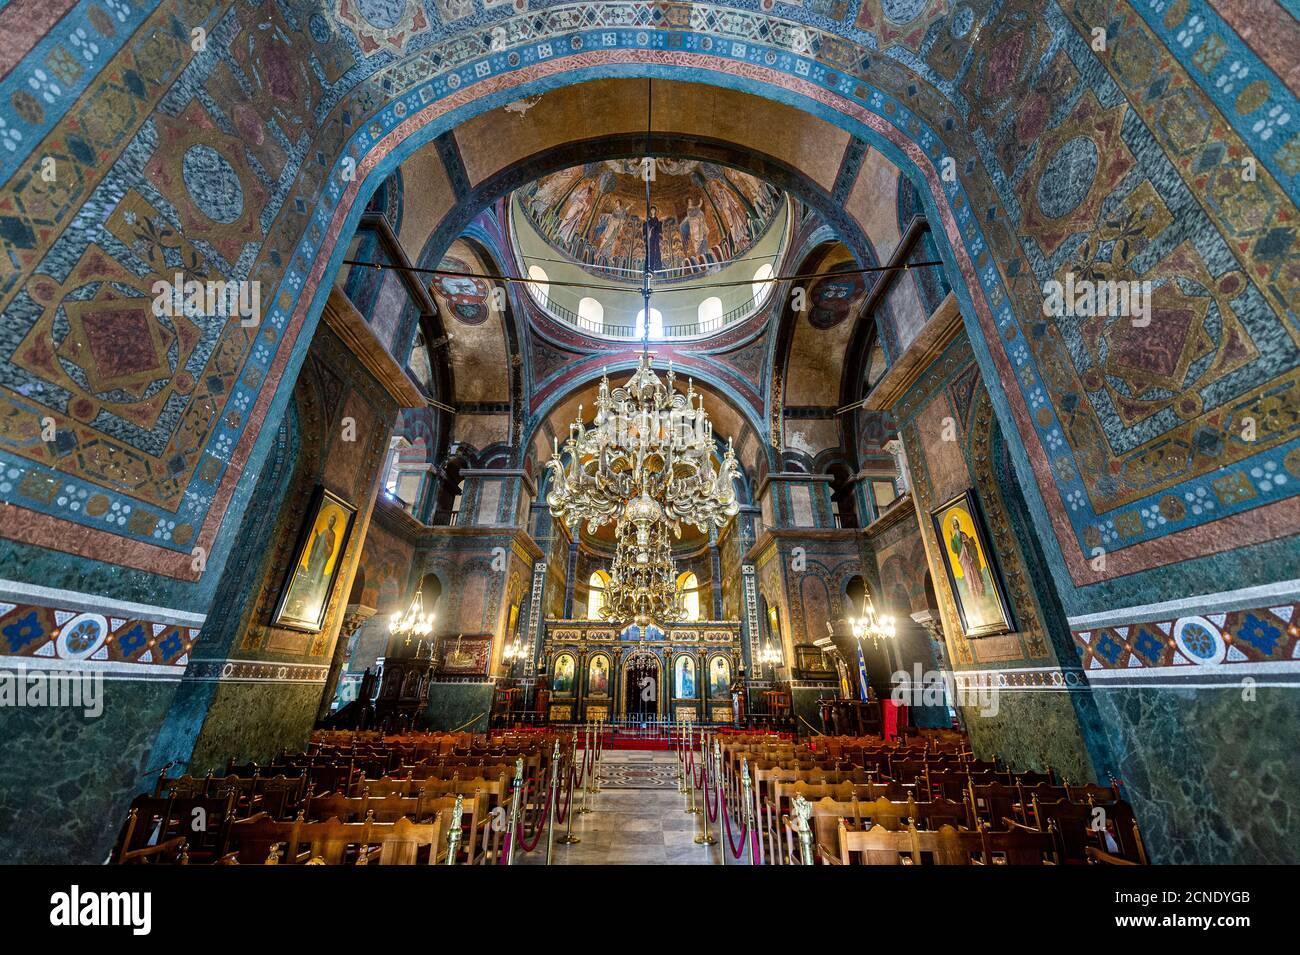 All'interno della chiesa di Santa Sofia, patrimonio dell'umanità dell'UNESCO, Salonicco, Grecia, Europa Foto Stock